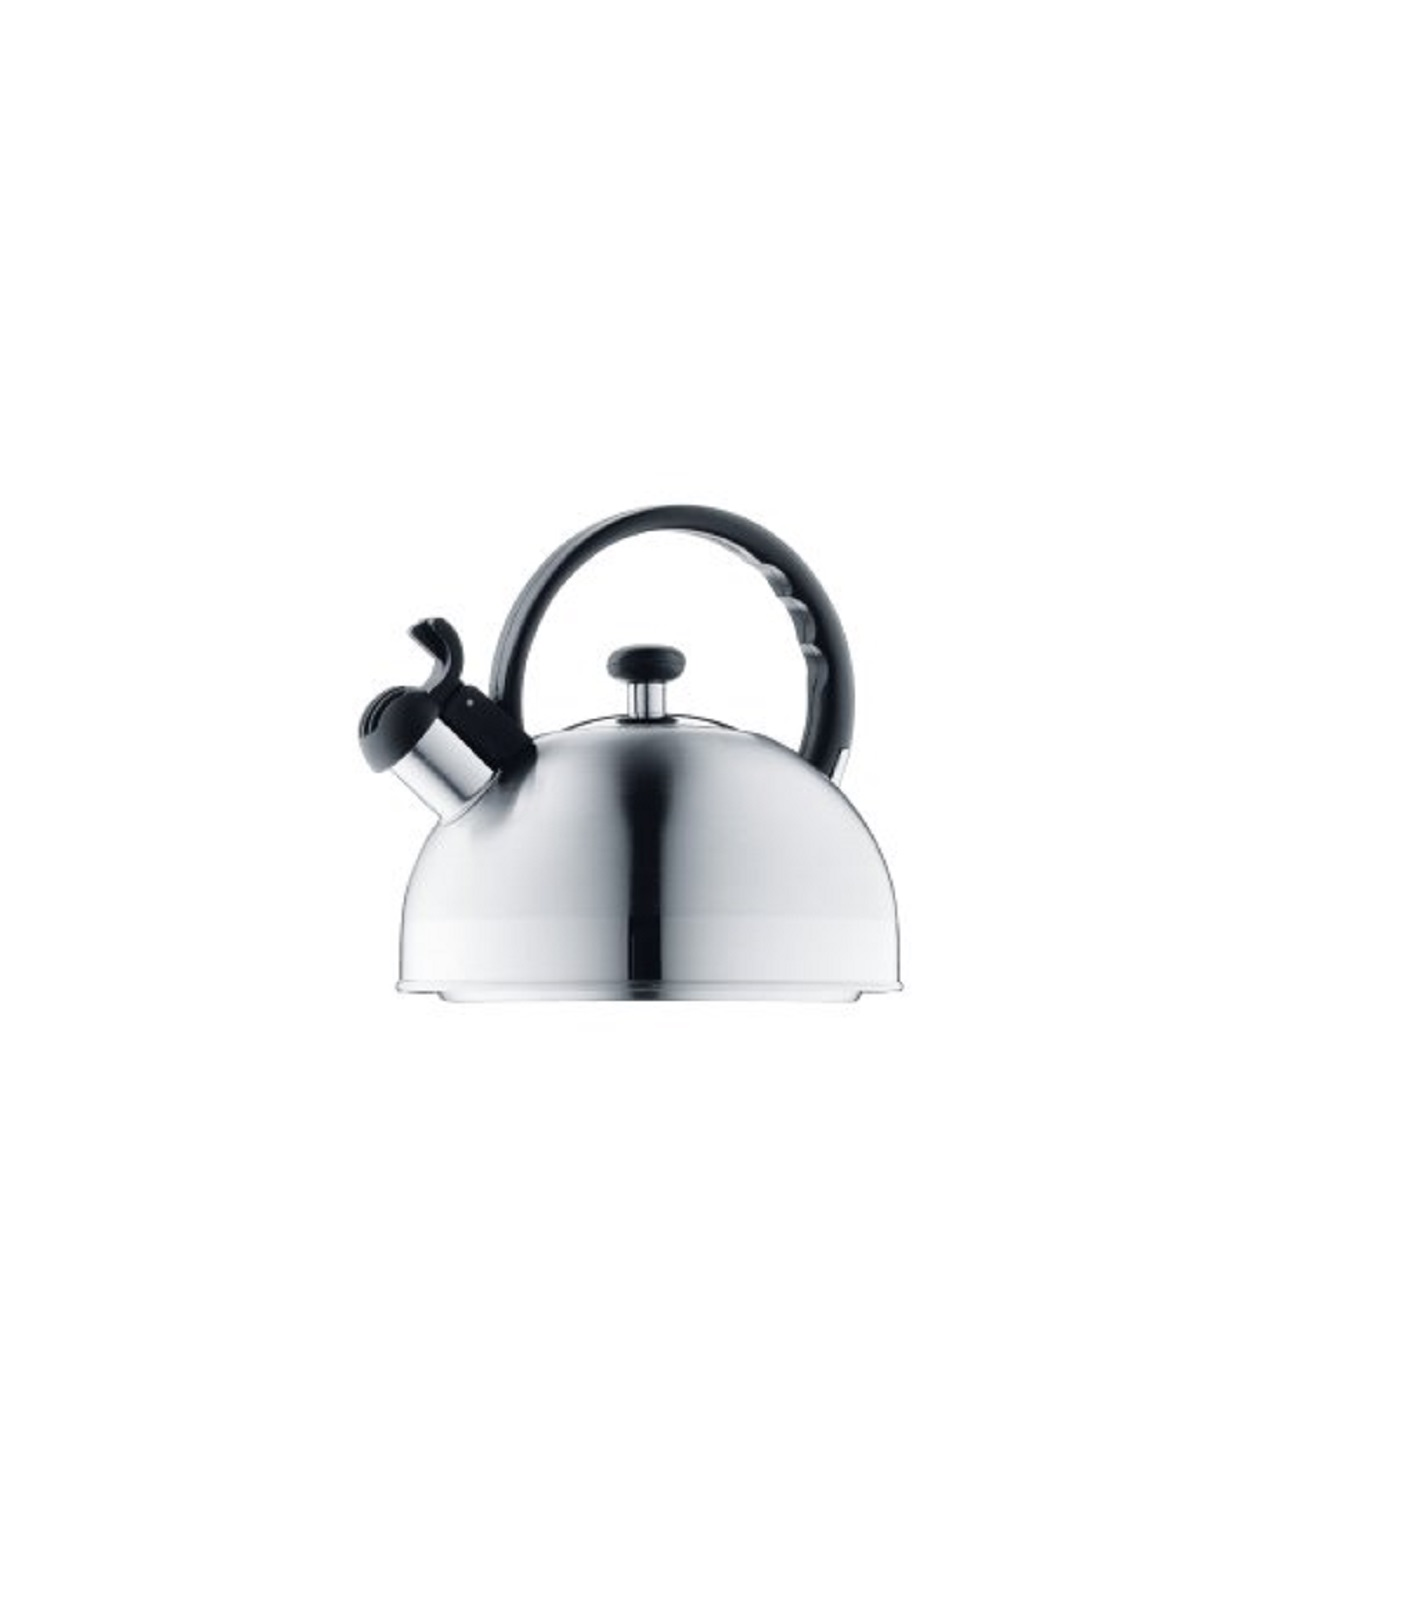 Чайник с крышкой WMF ORBIT, объем 1,5 л, серебристый WMF 07 3174 6030 SP фото 0